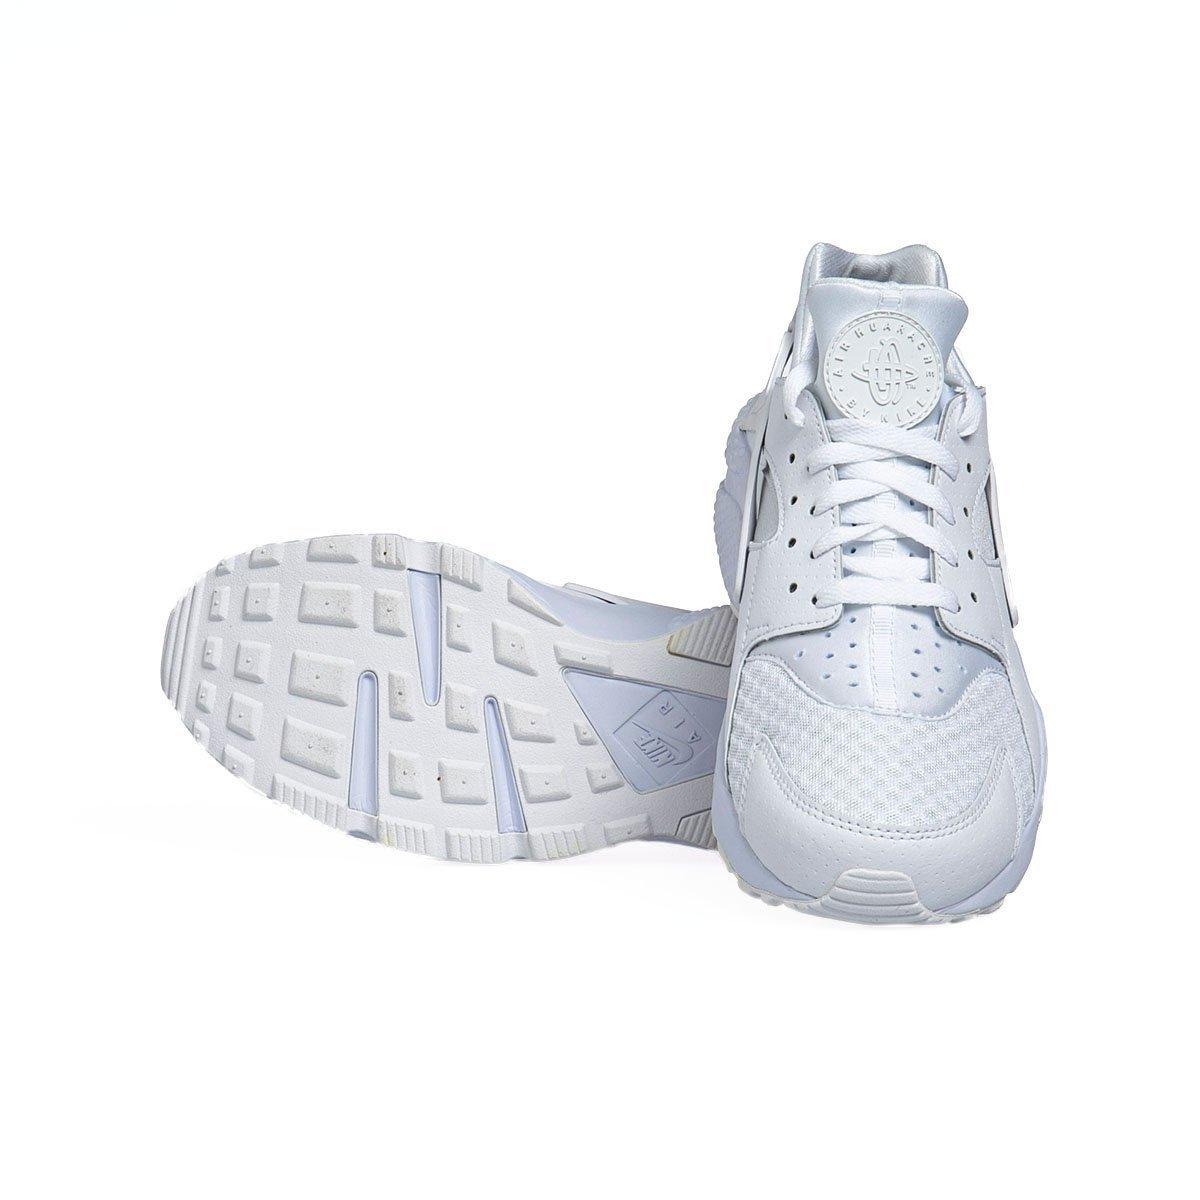 Sneakers buty Nike Air Huarache white pure platinum (318429 111)